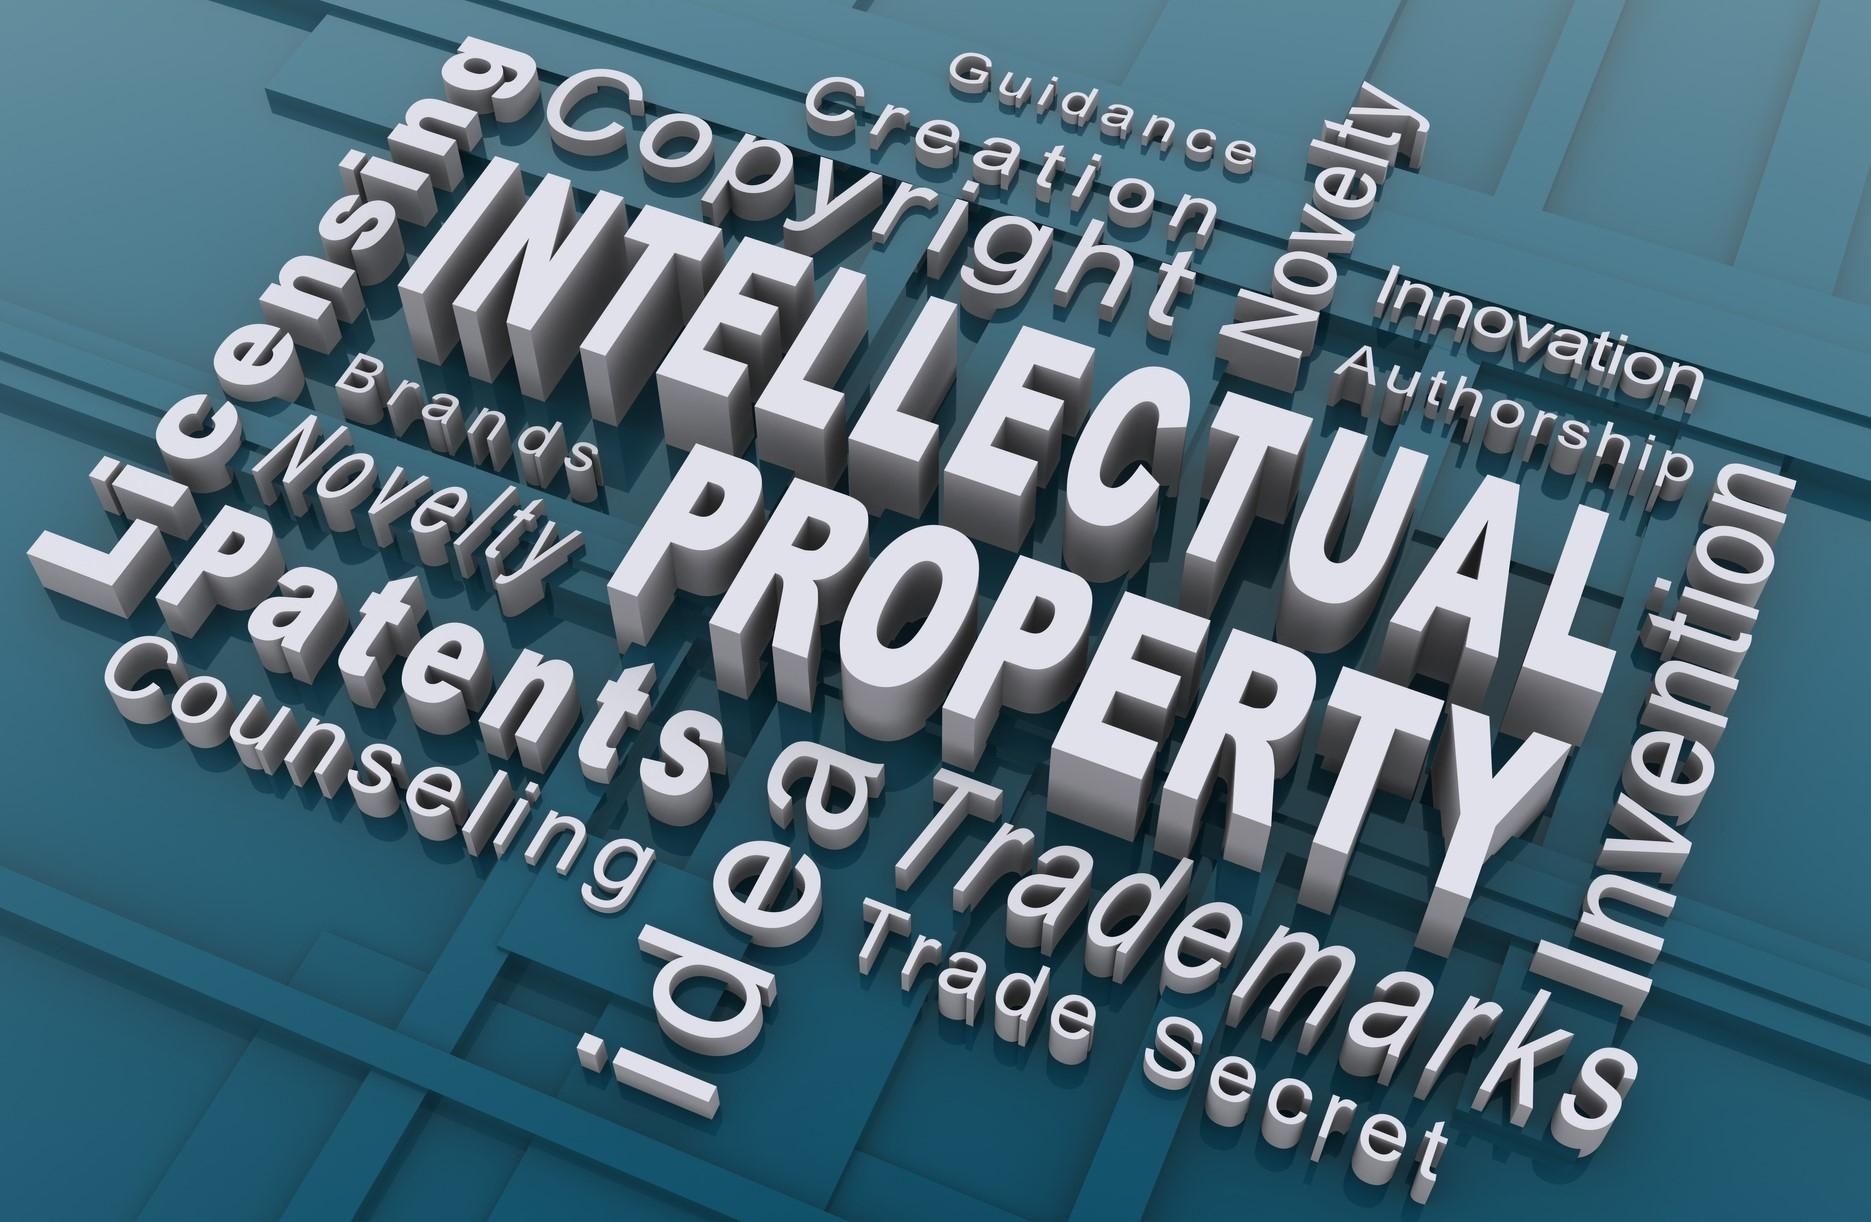 Les droits de la propriété industrielle 11 et 12 Novembre